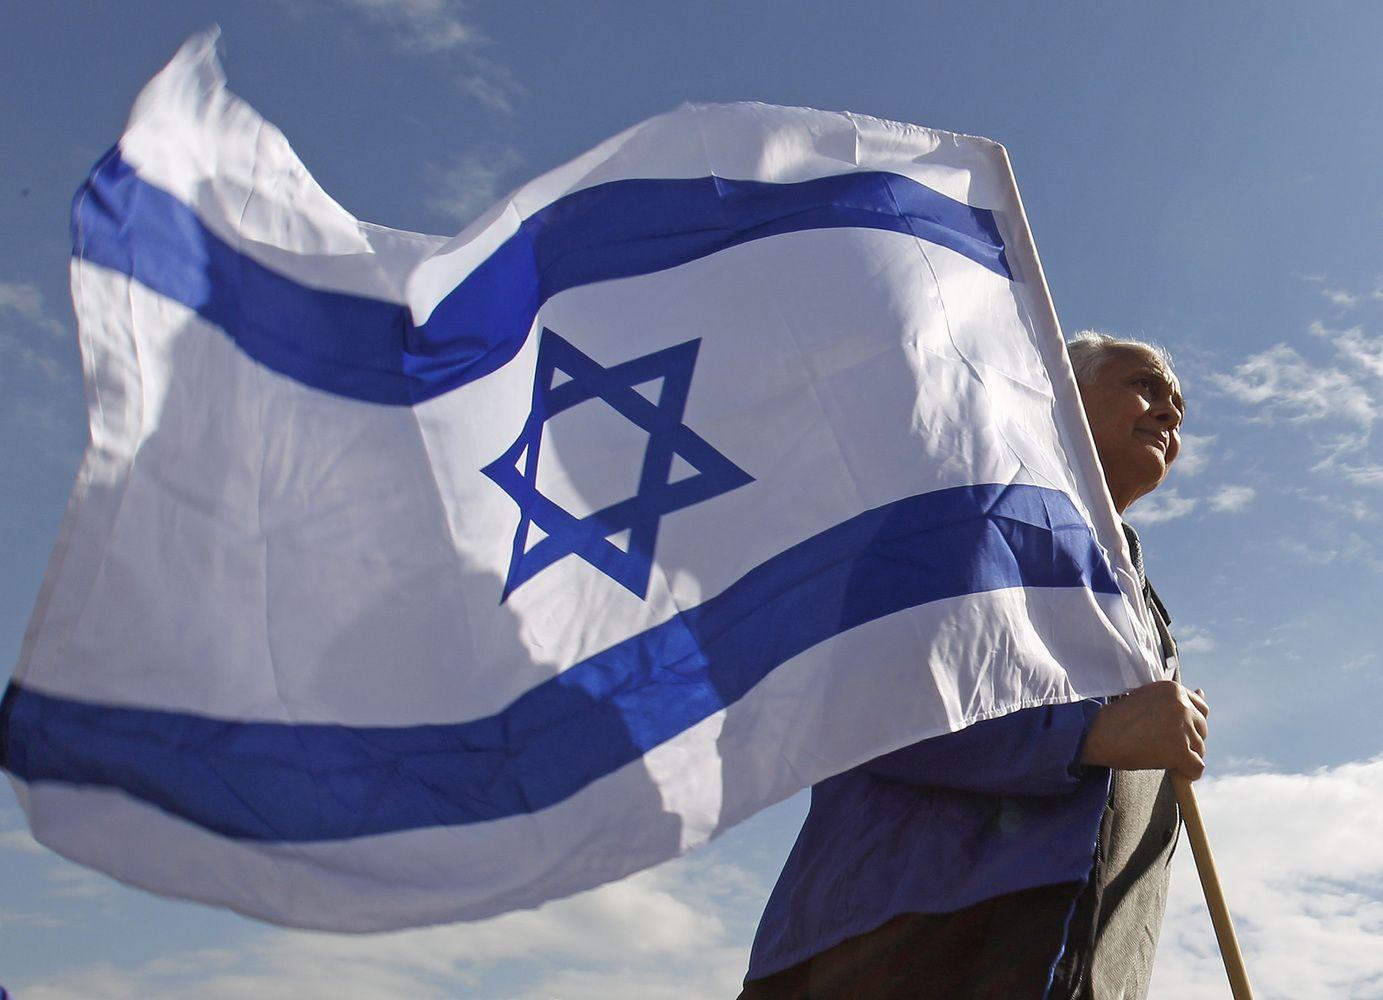 Tyrimas: Europa neatsikrato stereotipų apie žydus